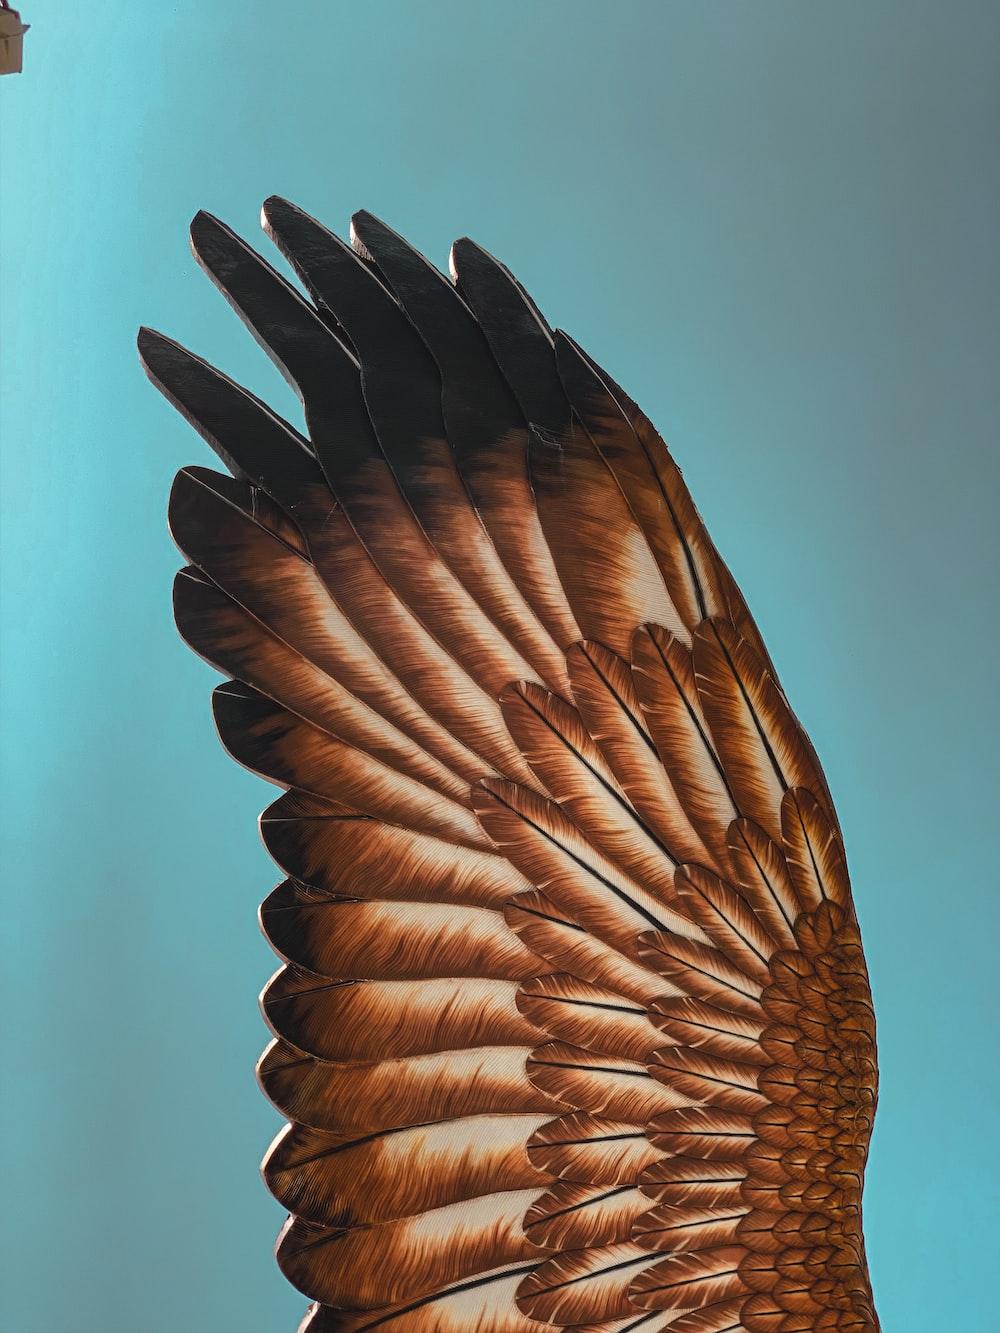 brown bird flying during daytime